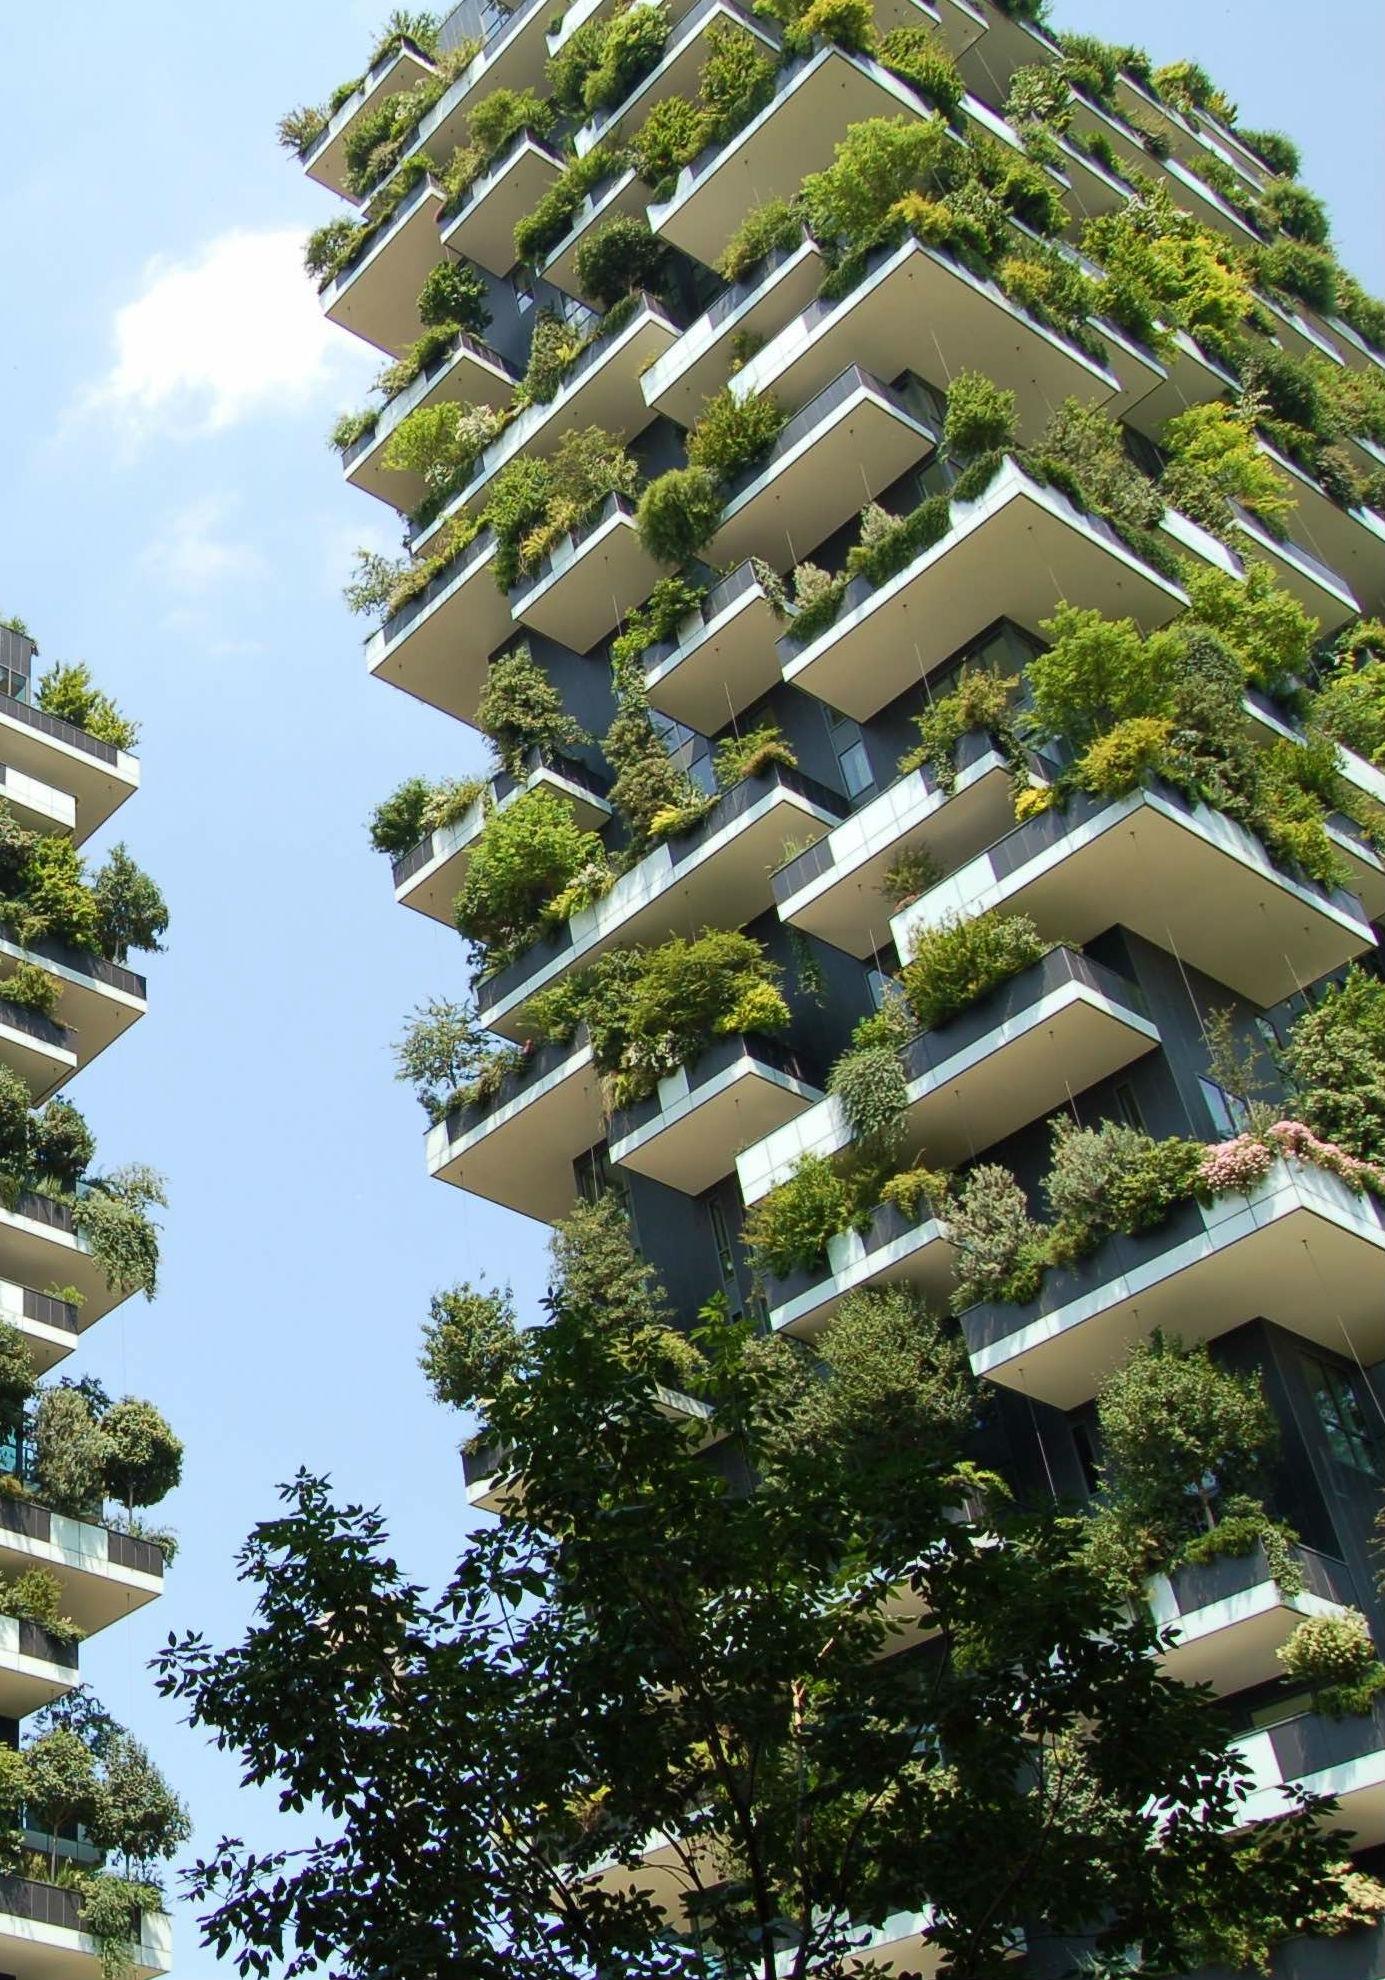 5 inzichten in de Energieagenda: het perspectief van de gebouwde omgeving